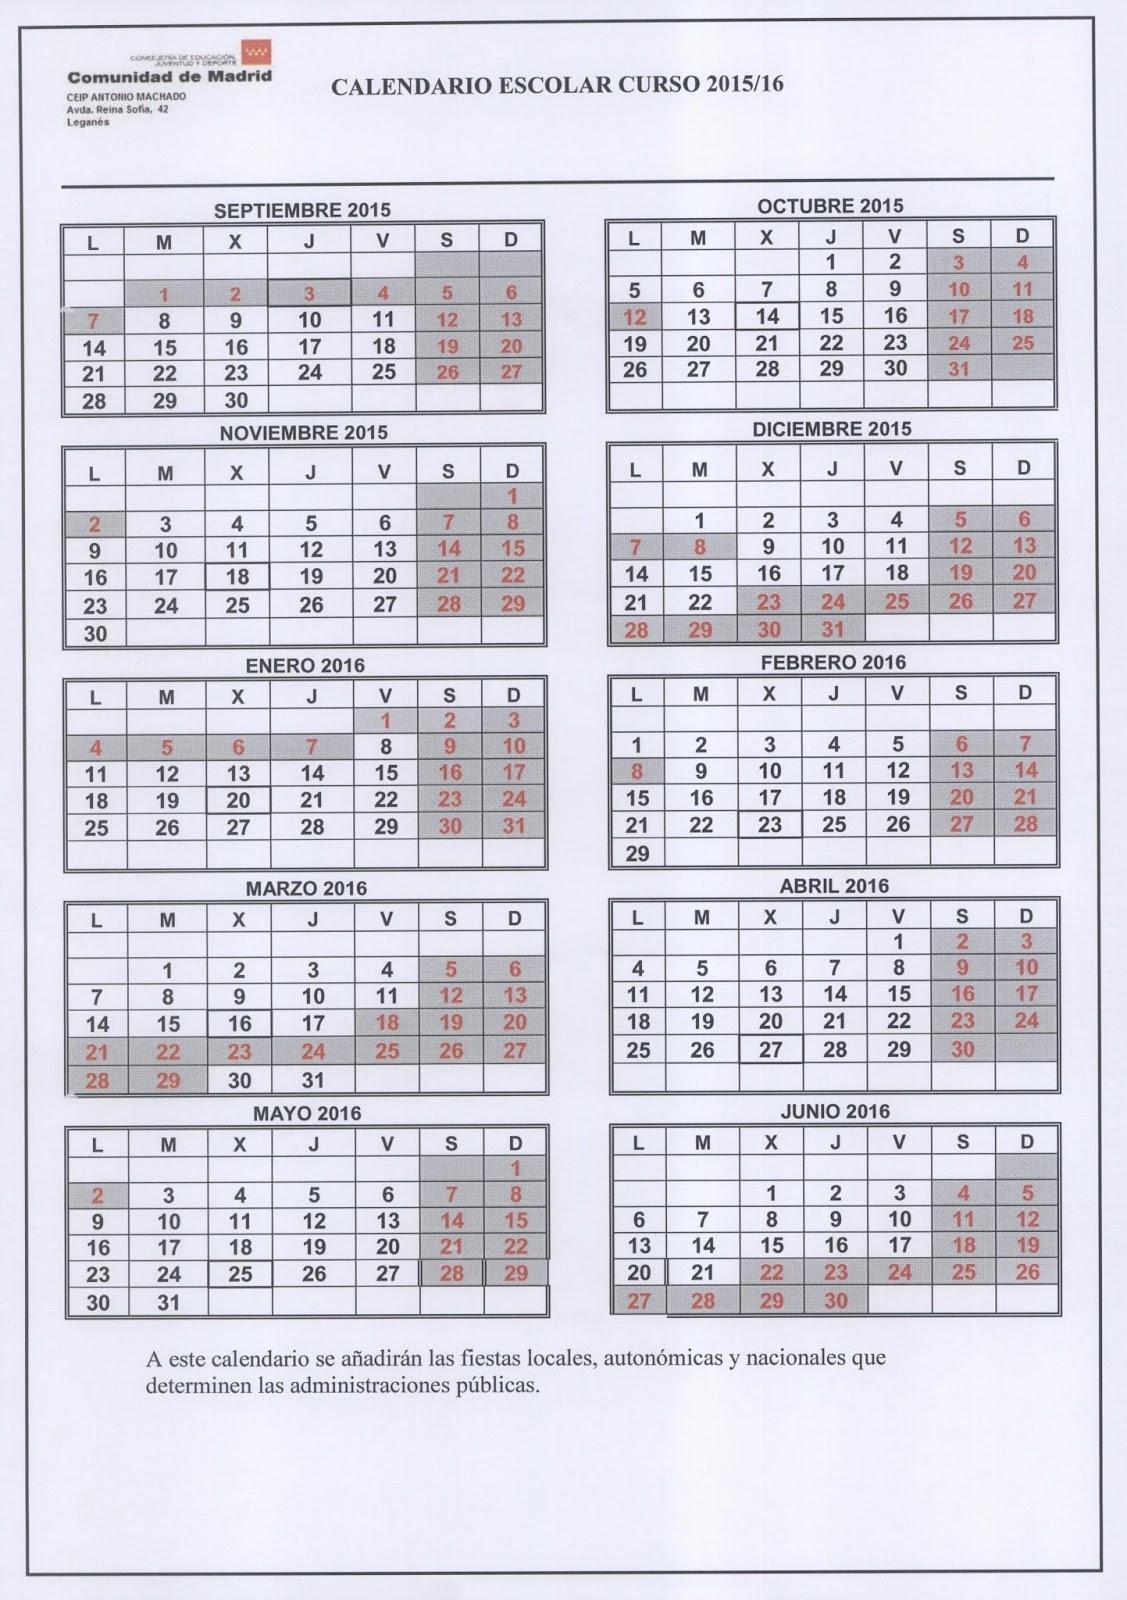 Order Depo Provera Shot Calendar - Safe Online Pharmacy pertaining to Calendar For Depo Provera Injections